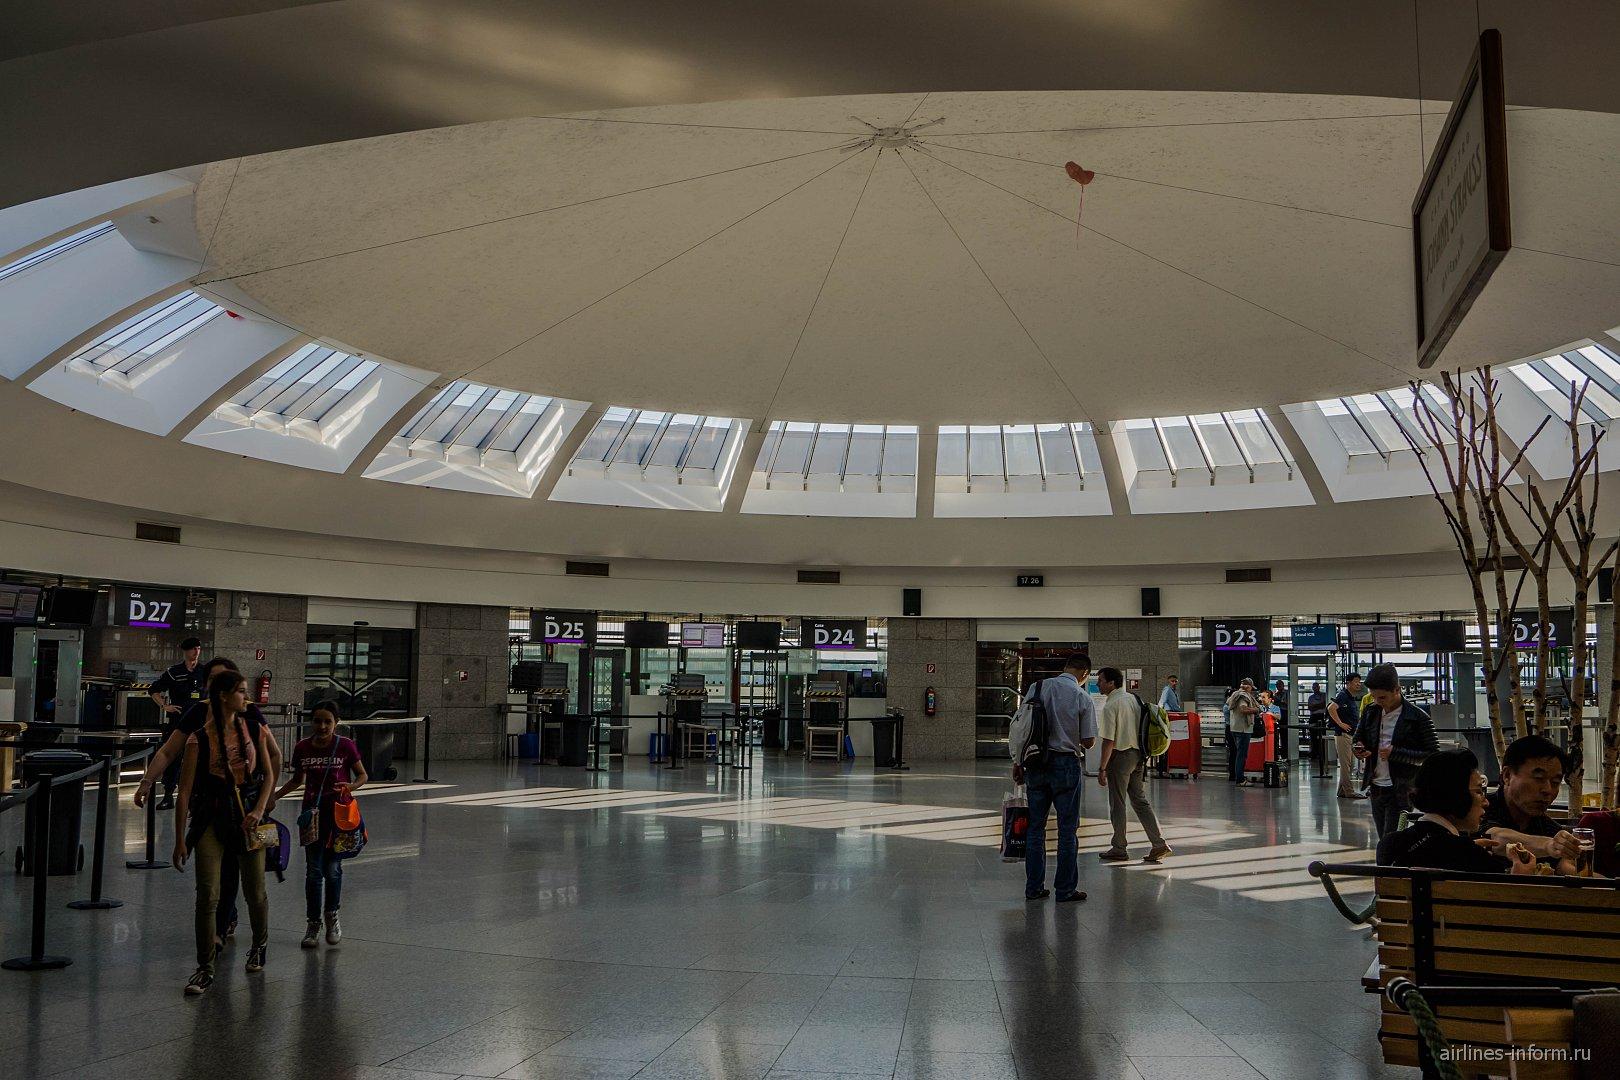 Выходы на посадку в секторе D аэропорта Вена Швехат